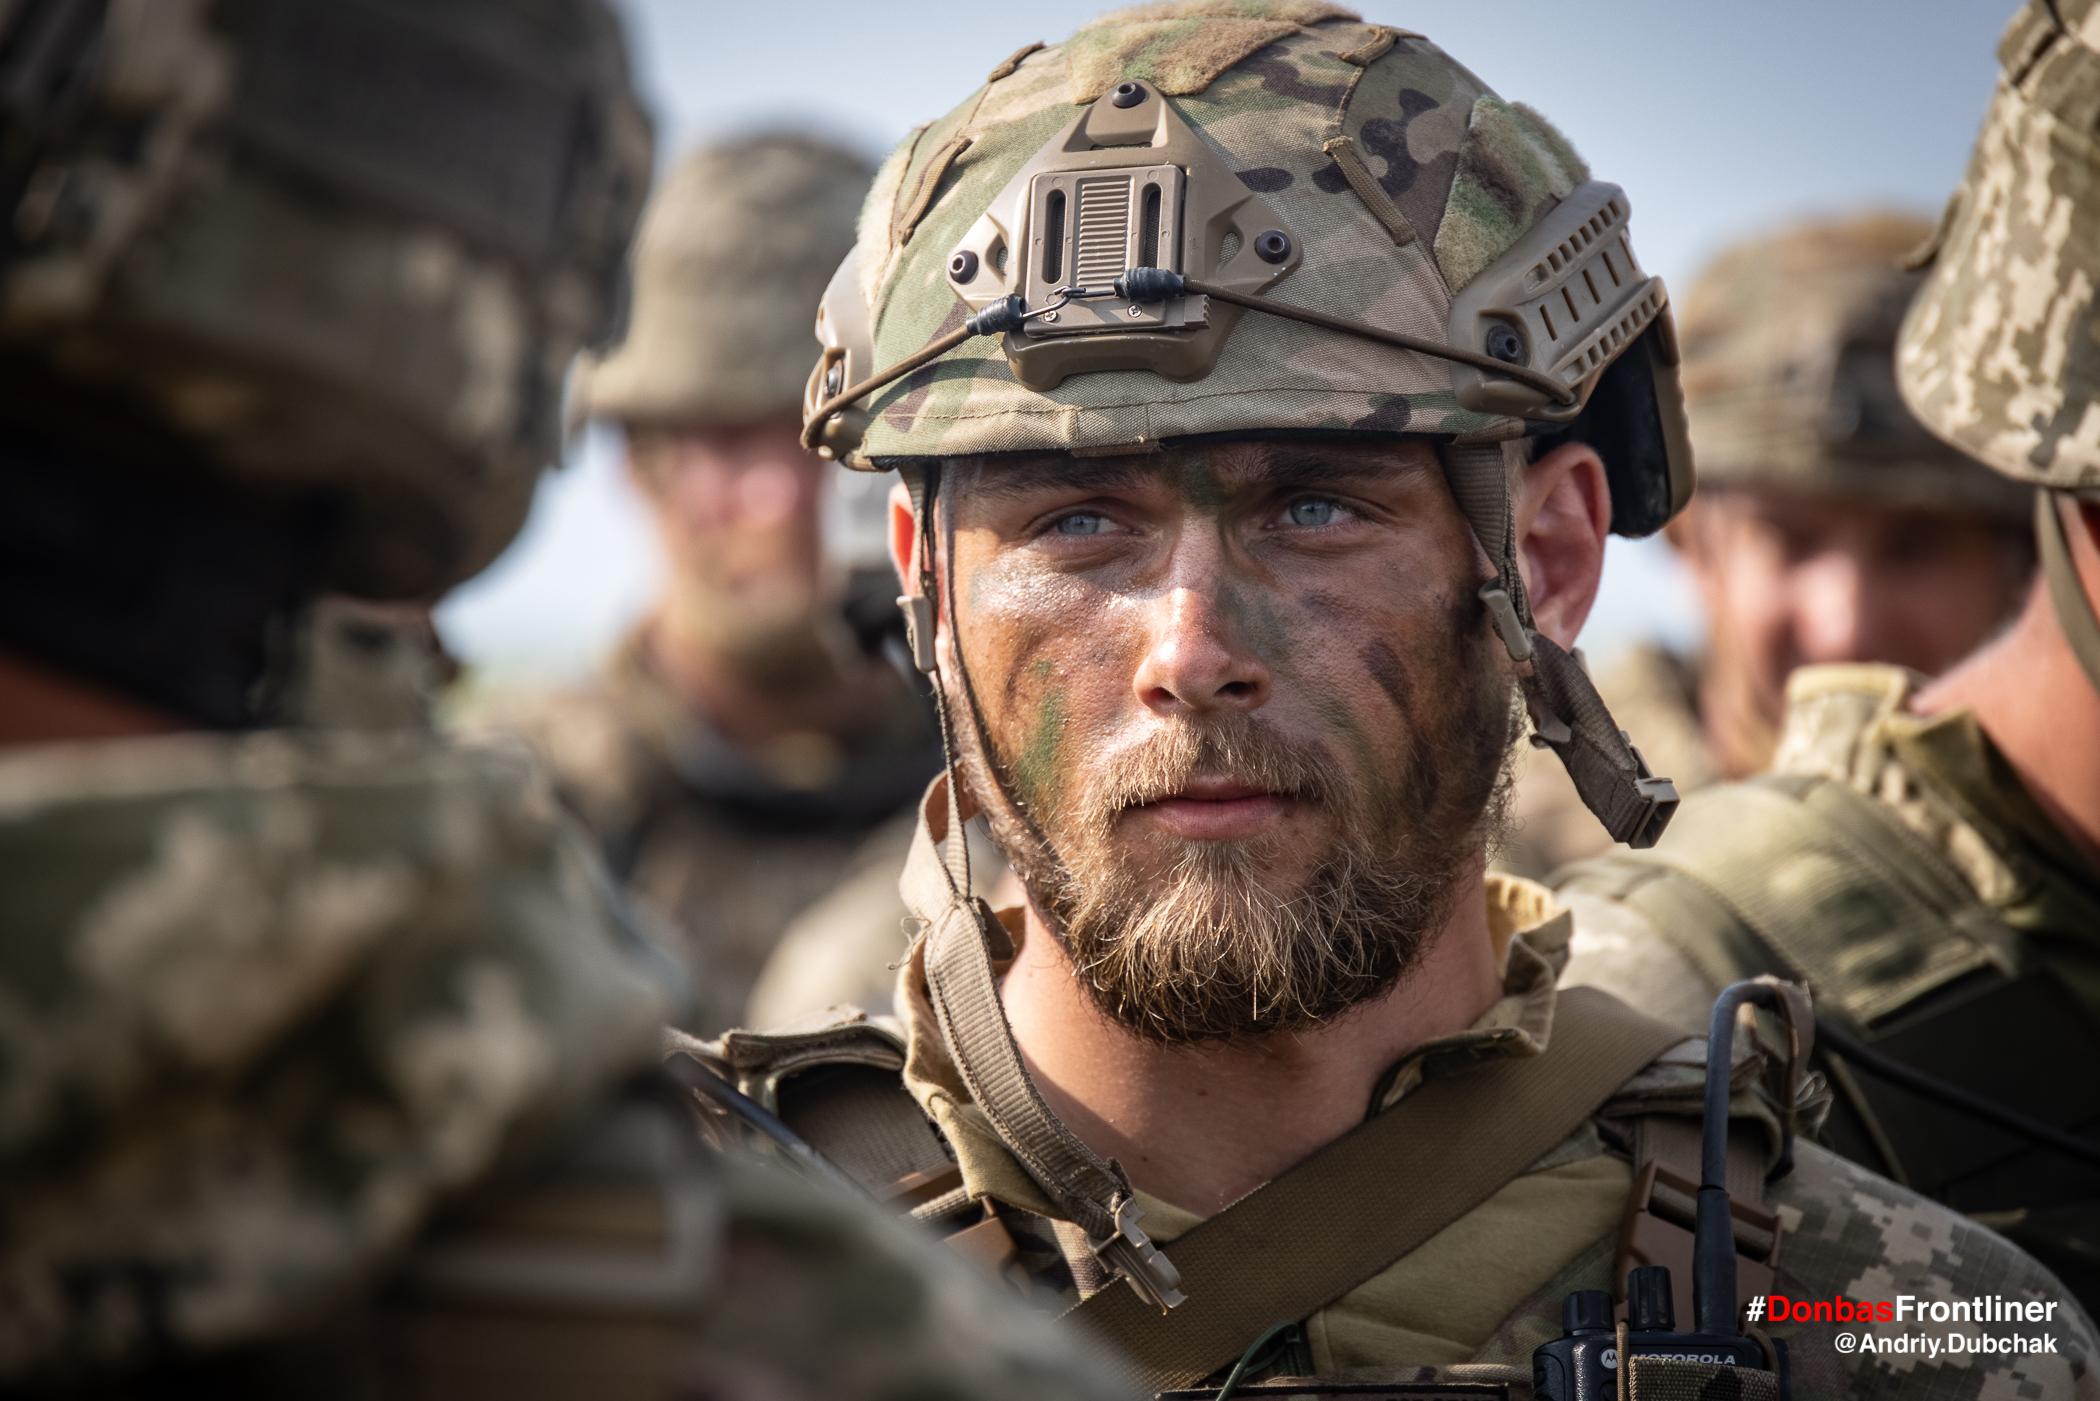 Матрос морської піхоти обличчя. Бойове тренування 503-го батальйону морської піхоти на Приазов'ї, липень 2021 року